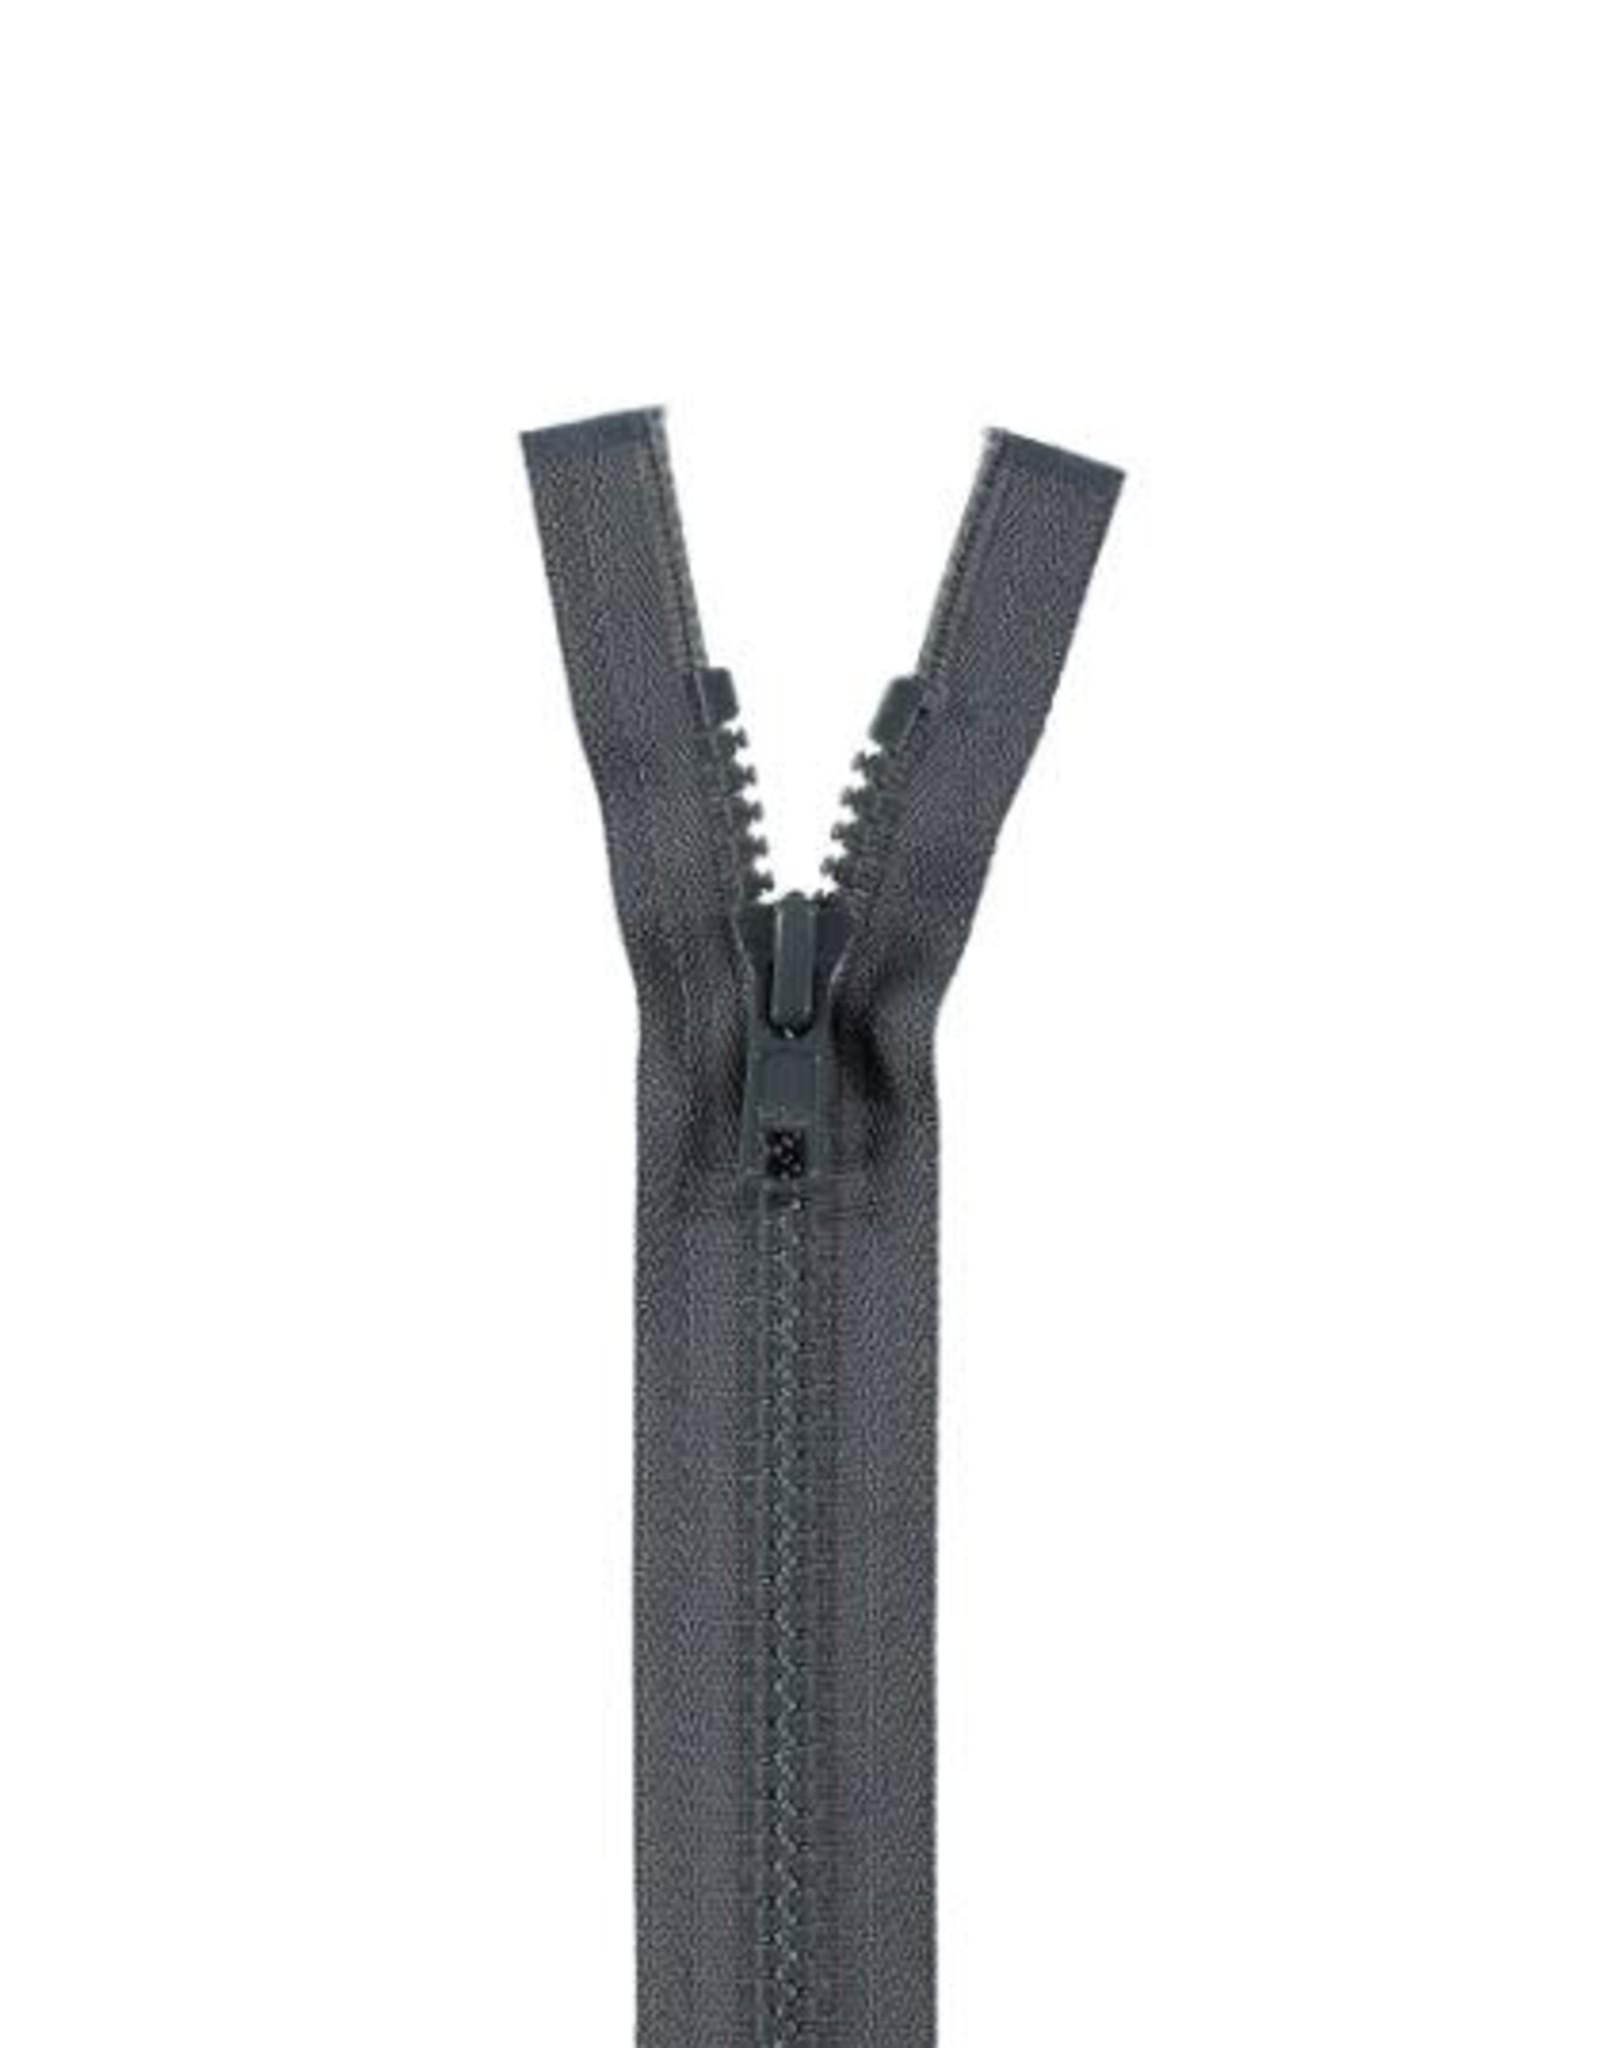 YKK BLOKRITS 5 DEELBAAR d. grijs 579-75cm